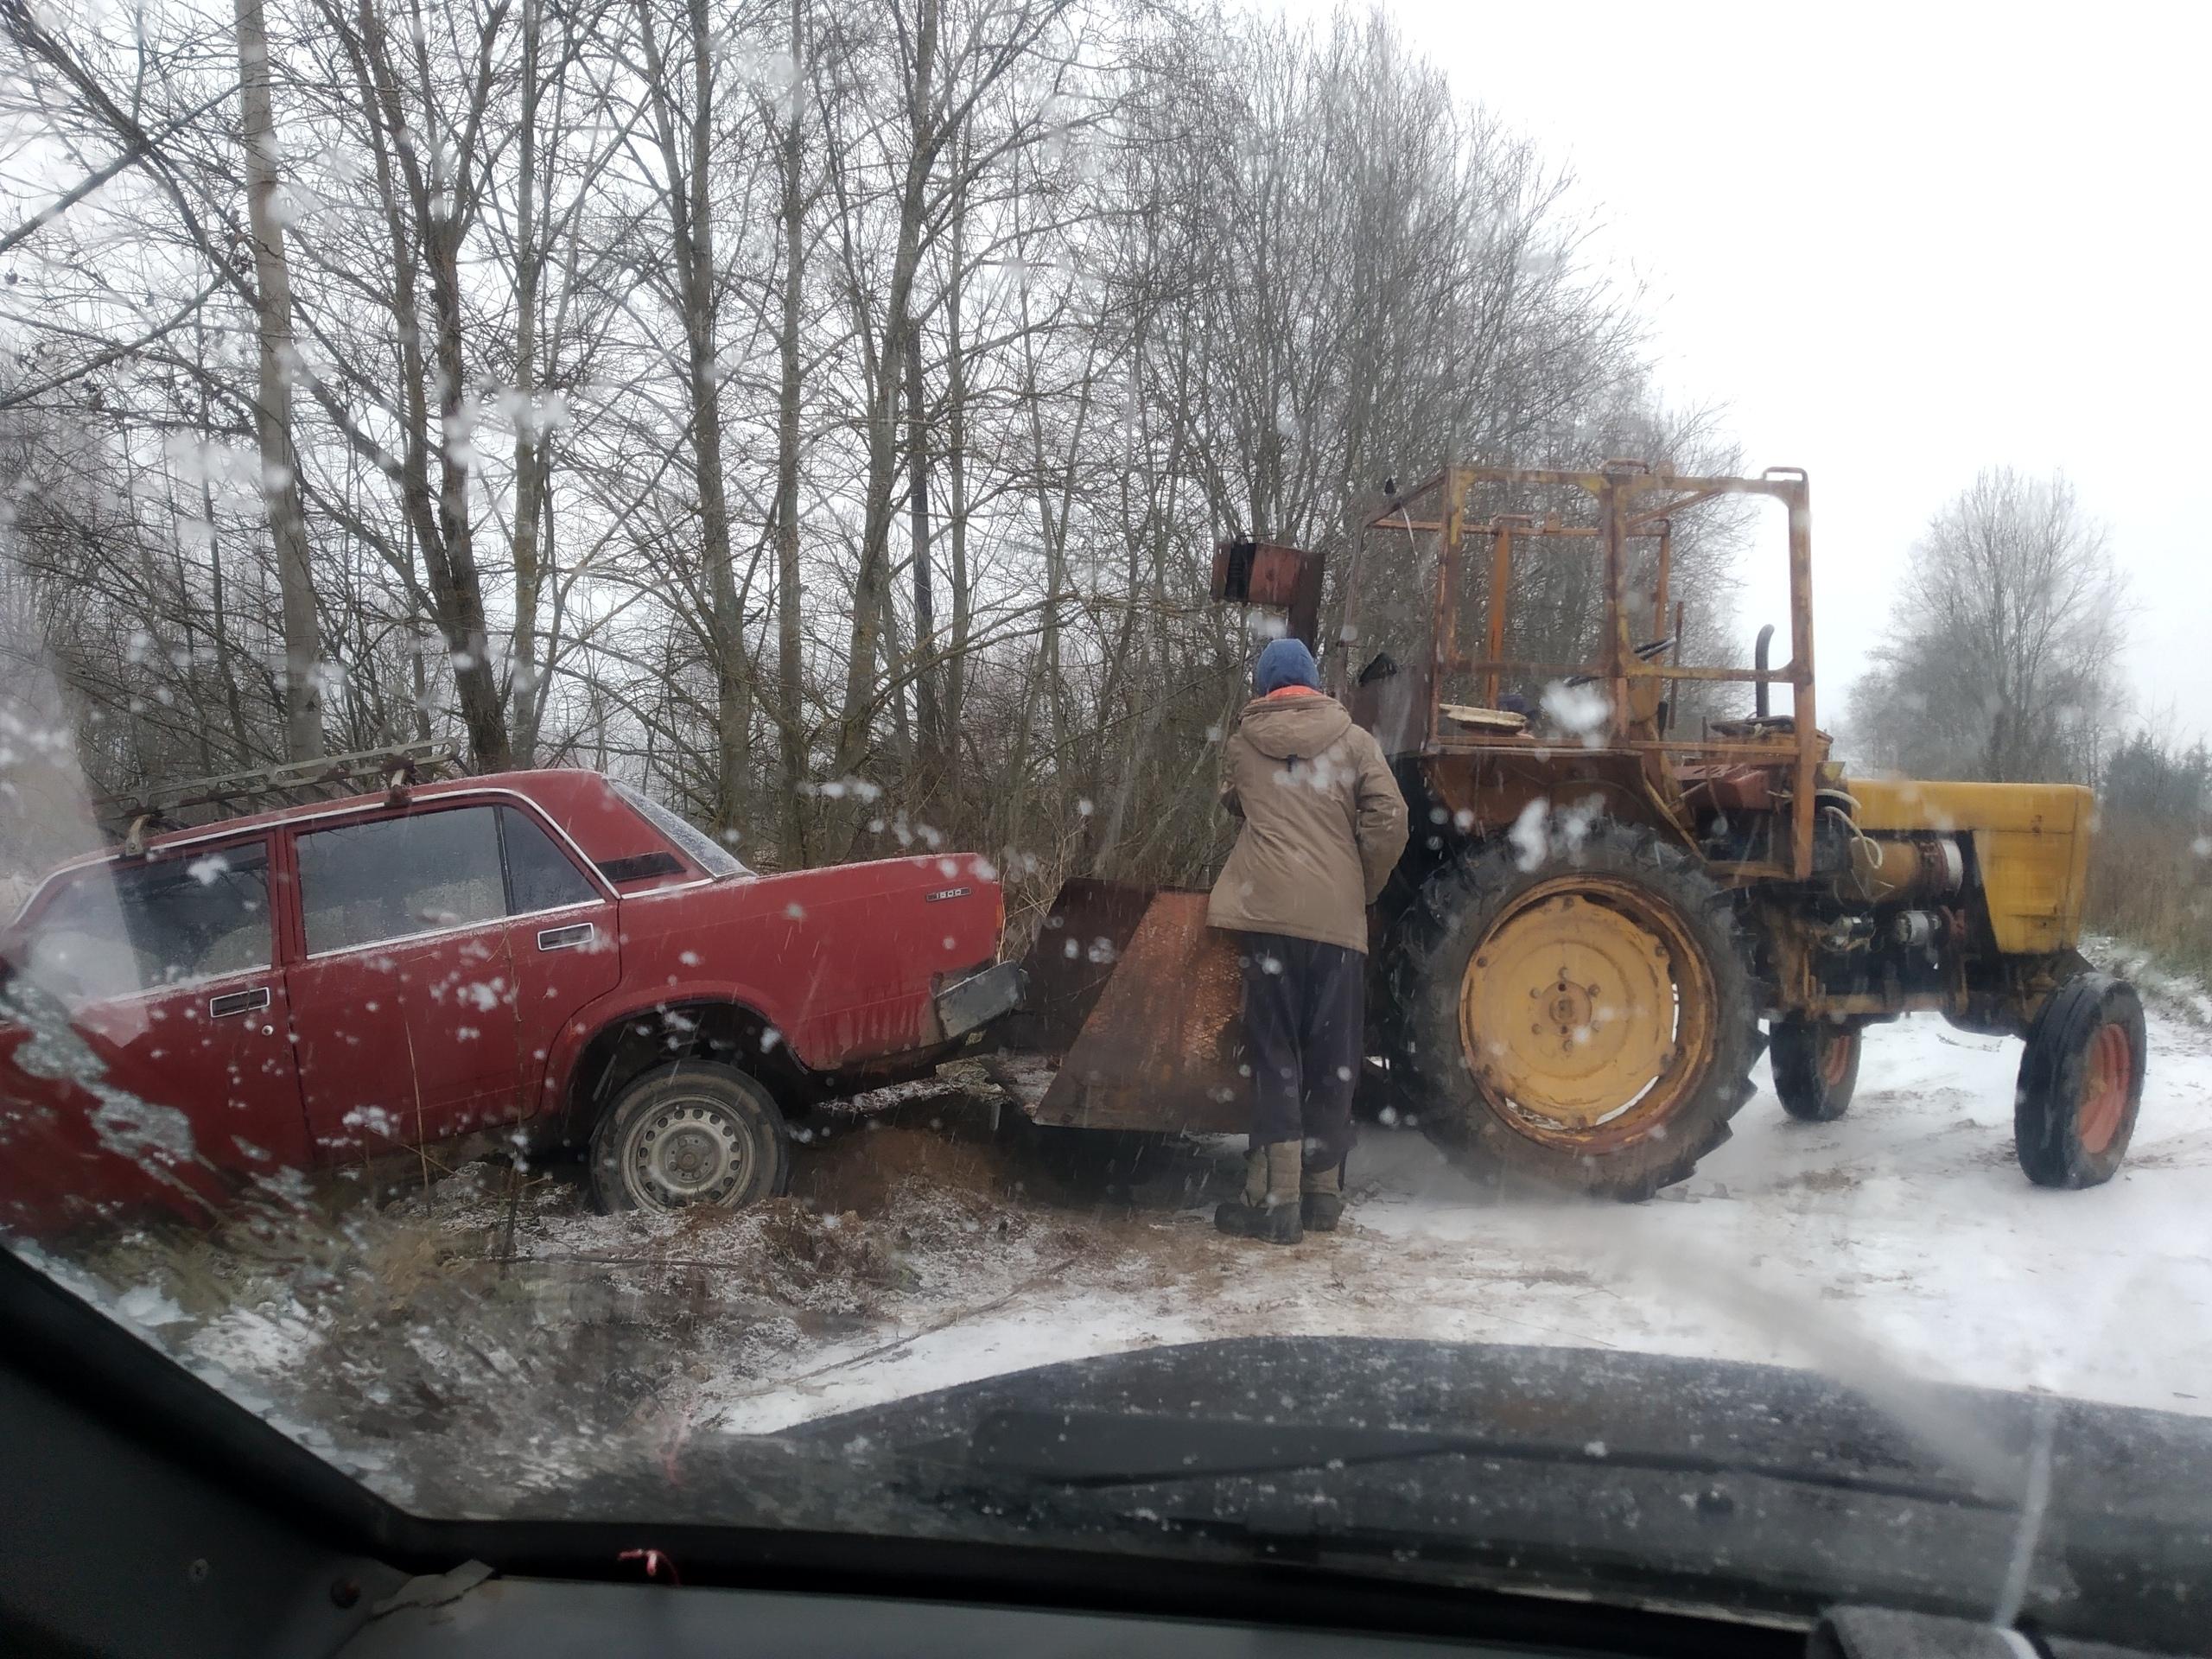 В Тверской области жигули съехали в кювет по скользкой дороге